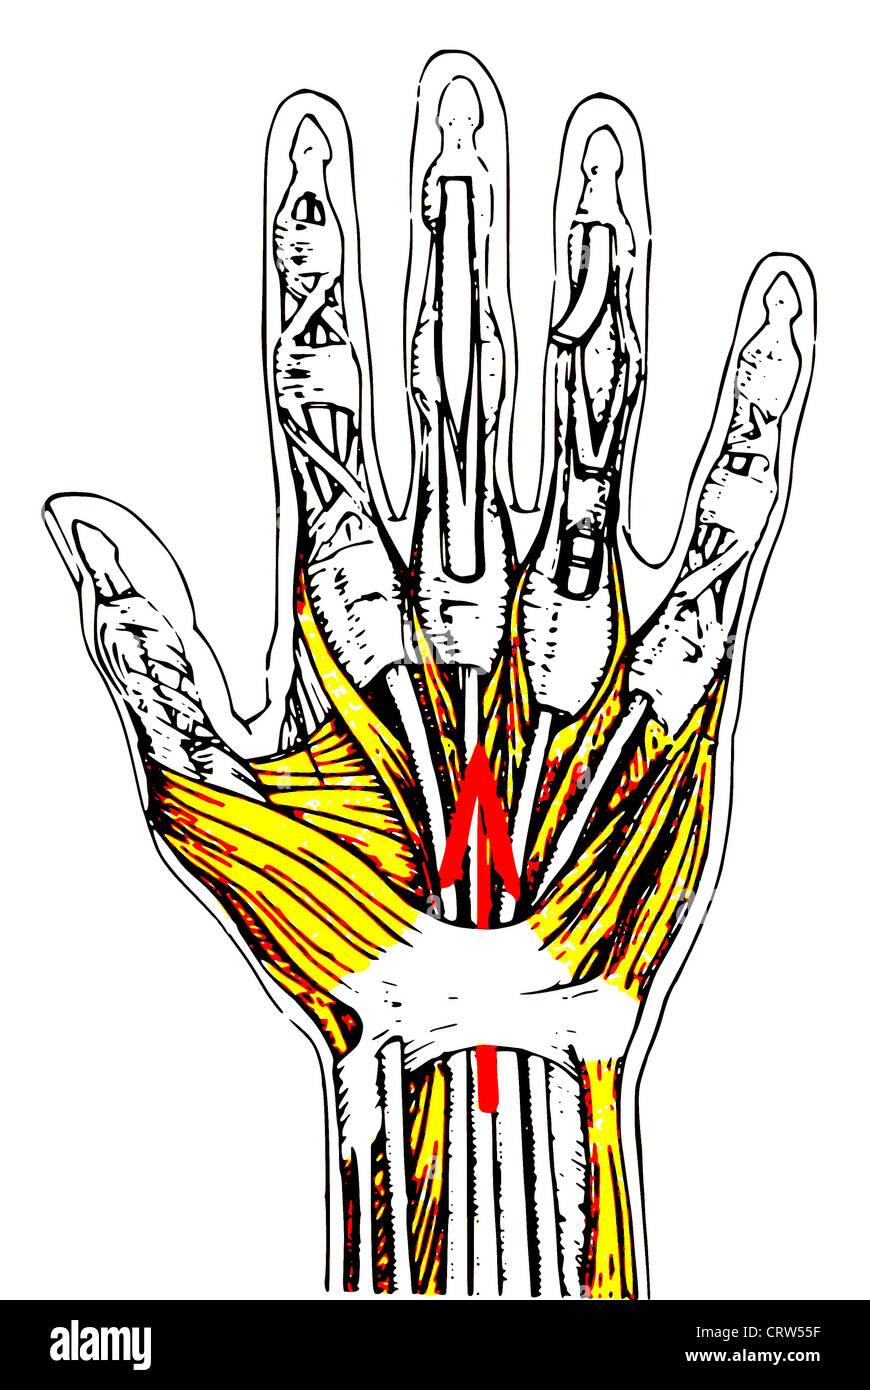 Anatomie der menschlichen Hand bunten Stockfoto, Bild: 49110699 - Alamy